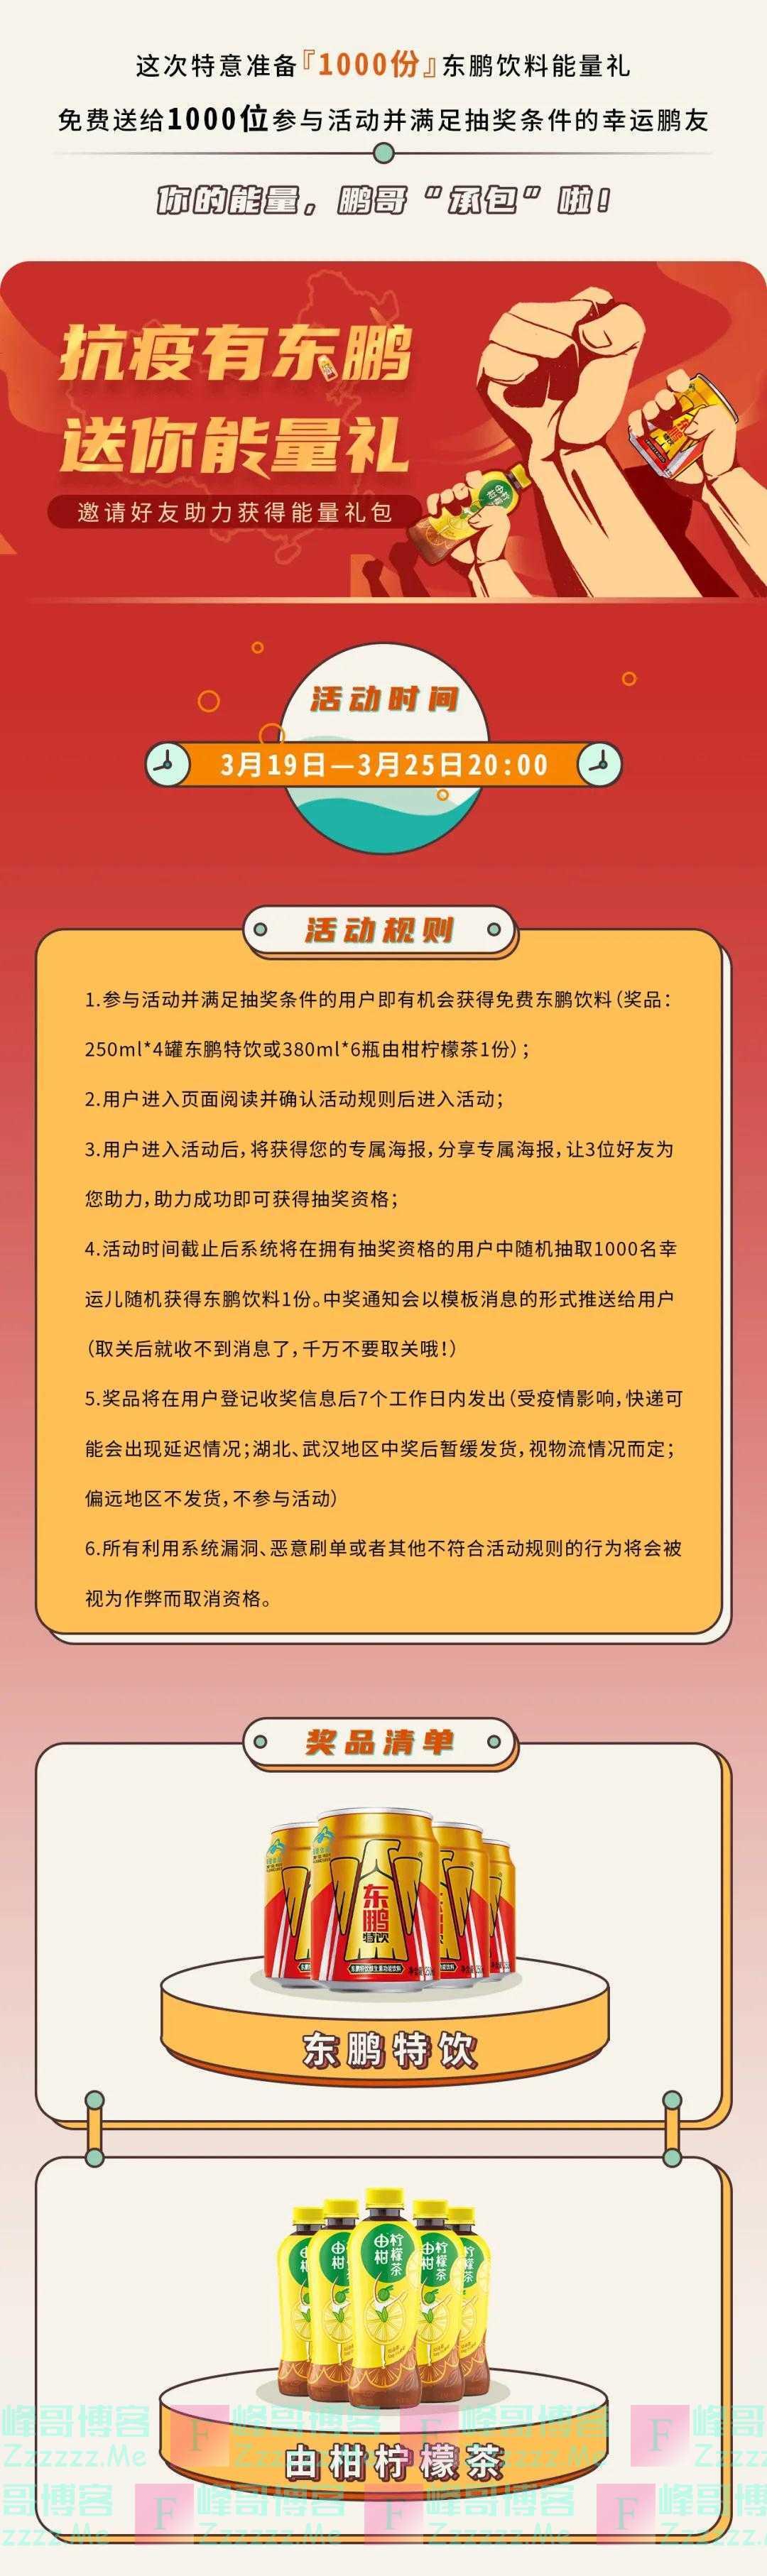 东鹏食品饮料1000份东鹏饮料免费送(截止3月25日)